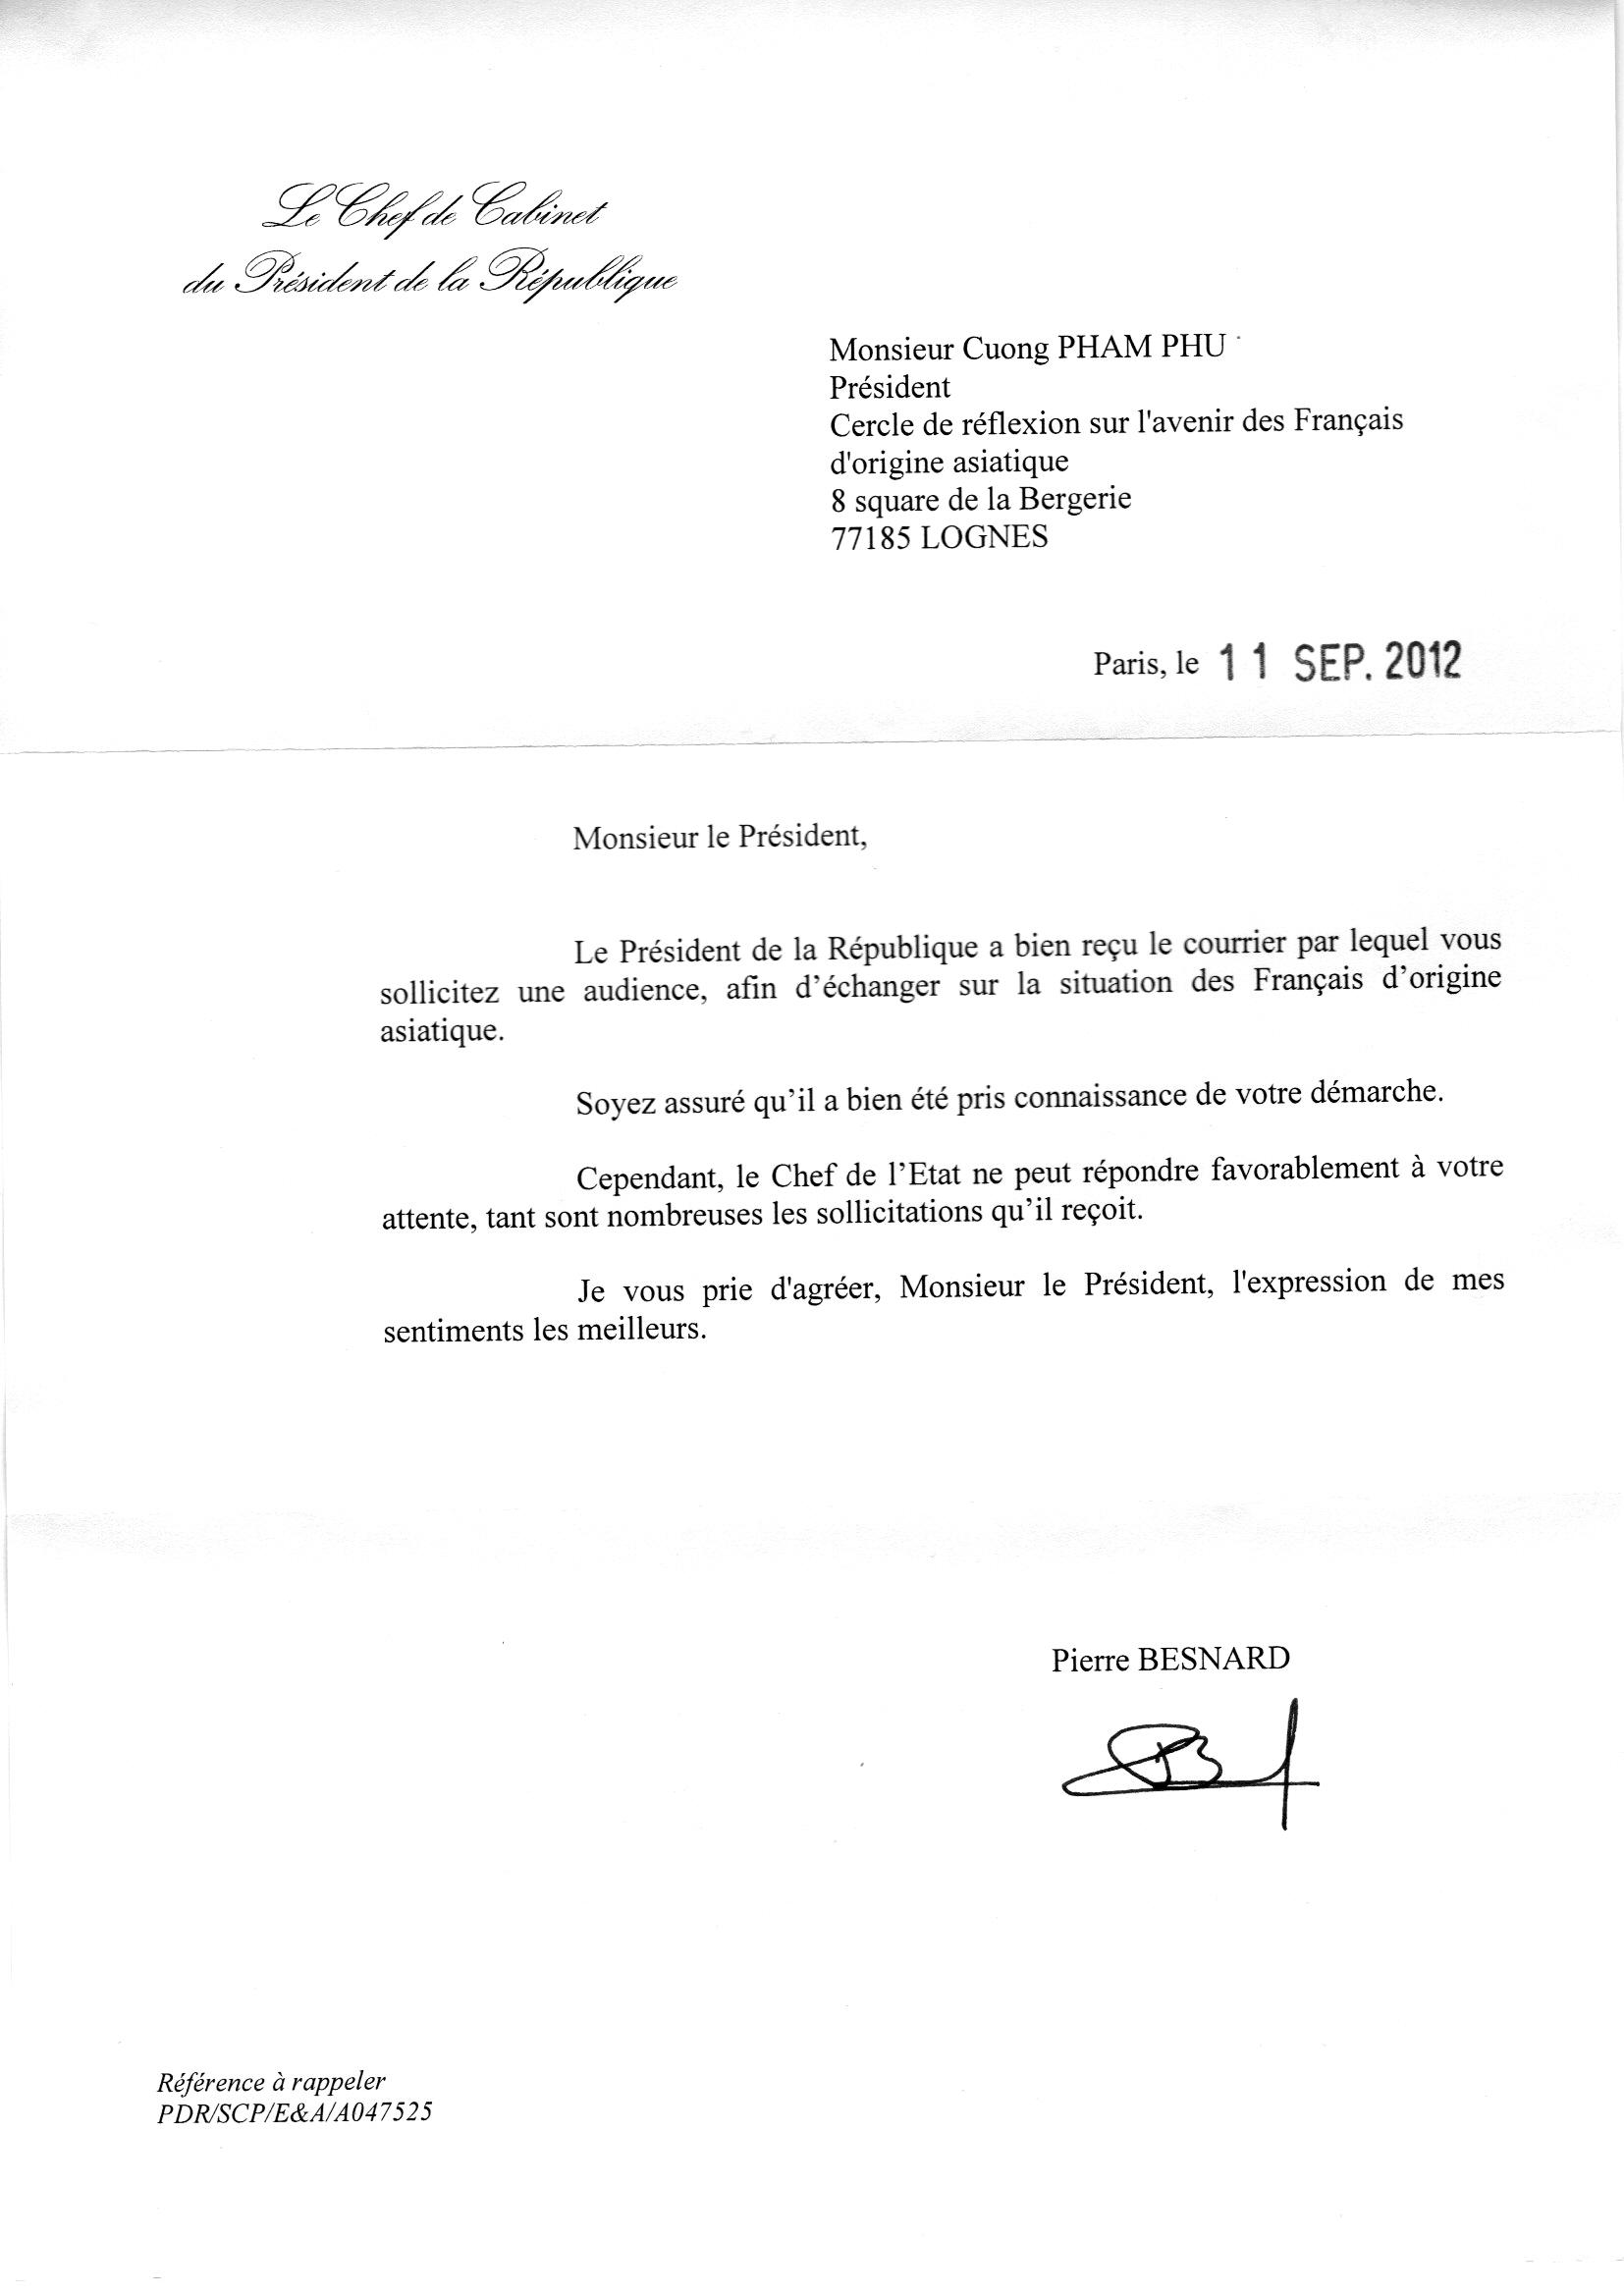 lettre-du-chef-de-cabinet-du-president-de-la-republique.JPG